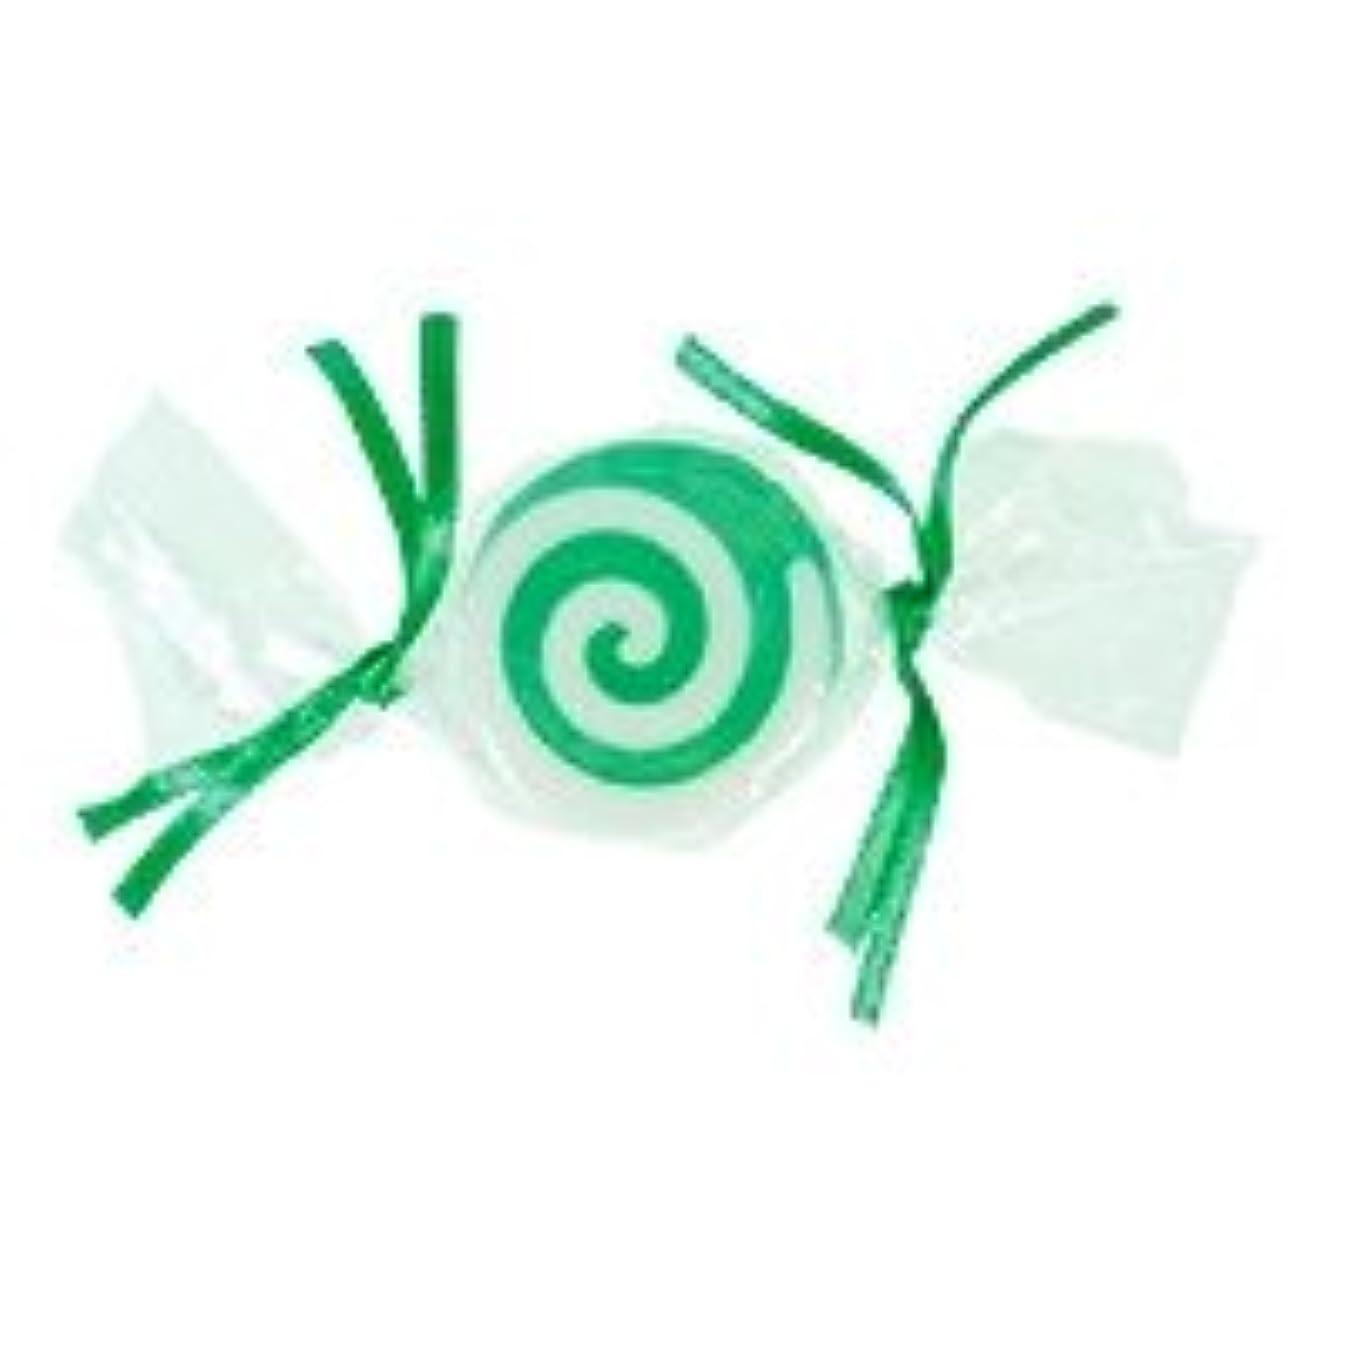 地獄エージェント評論家ベジタブルソープ キャンディ「グリーン」20個セット グリーンアップルの香り